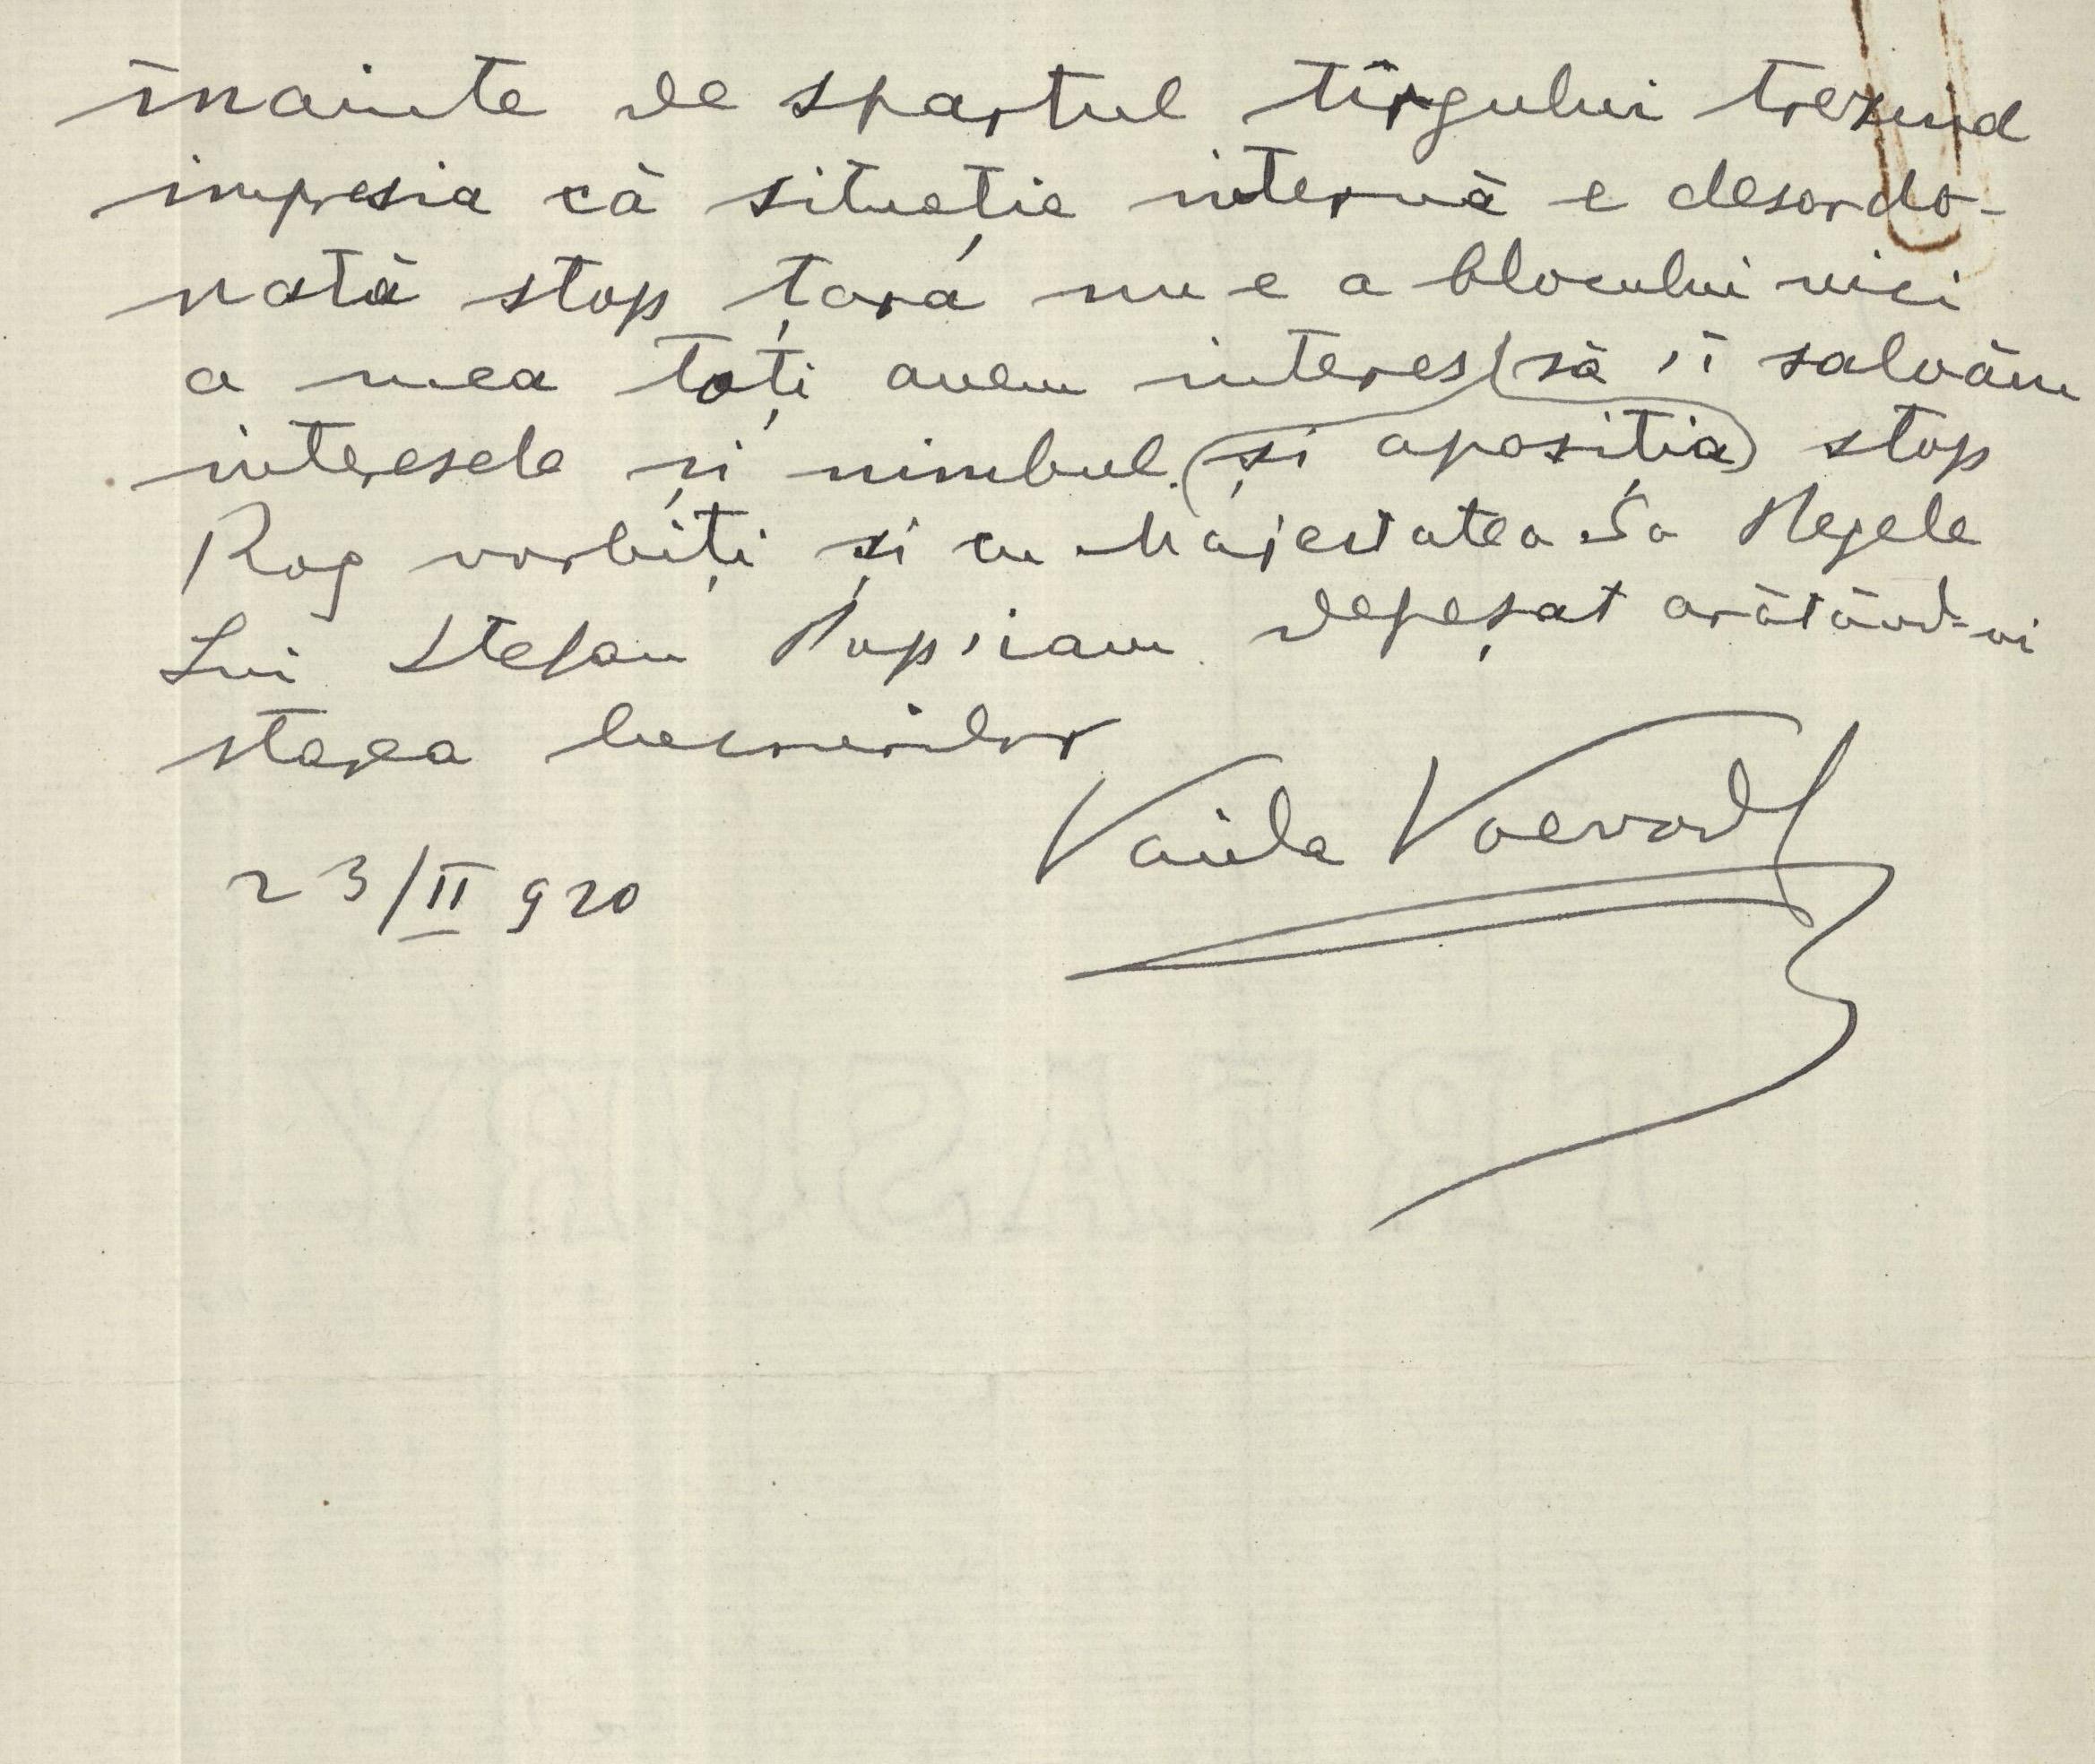 Telegramă a lui  Vaida-Voevod adresată lui Nicolae Iorga, președintele Camerei Deputaților cu privire la discutarea problemei tratatului cu Ungaria și cu Rusia, 23 febr. 1920, ANR SANIC fond pers Al Vaida-Voevod, dosar 134 fila 1f-v.